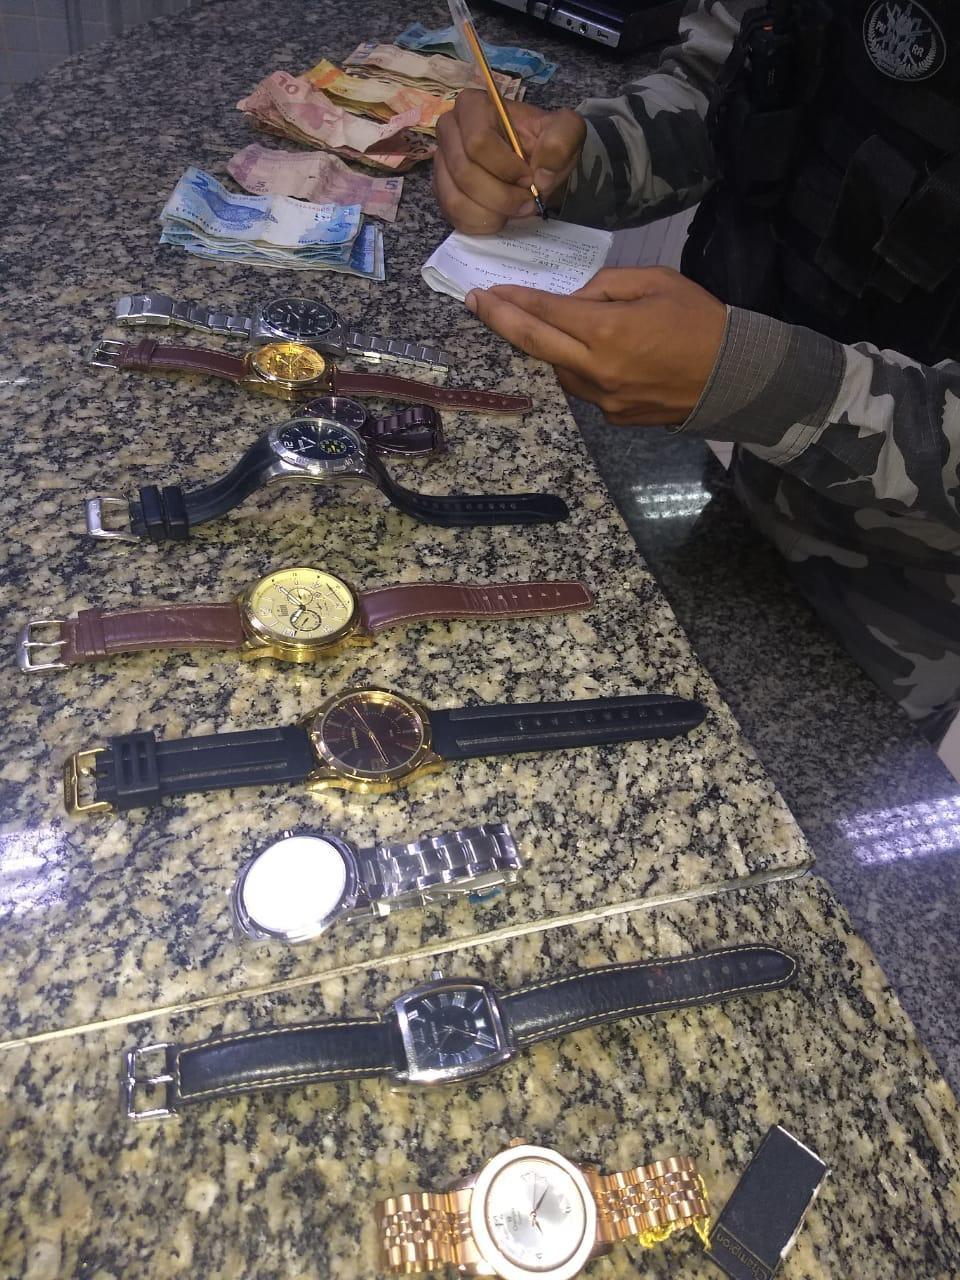 Bope prende homem com nove relógios, drogas, dinheiro e eletrônicos em Boa Vista